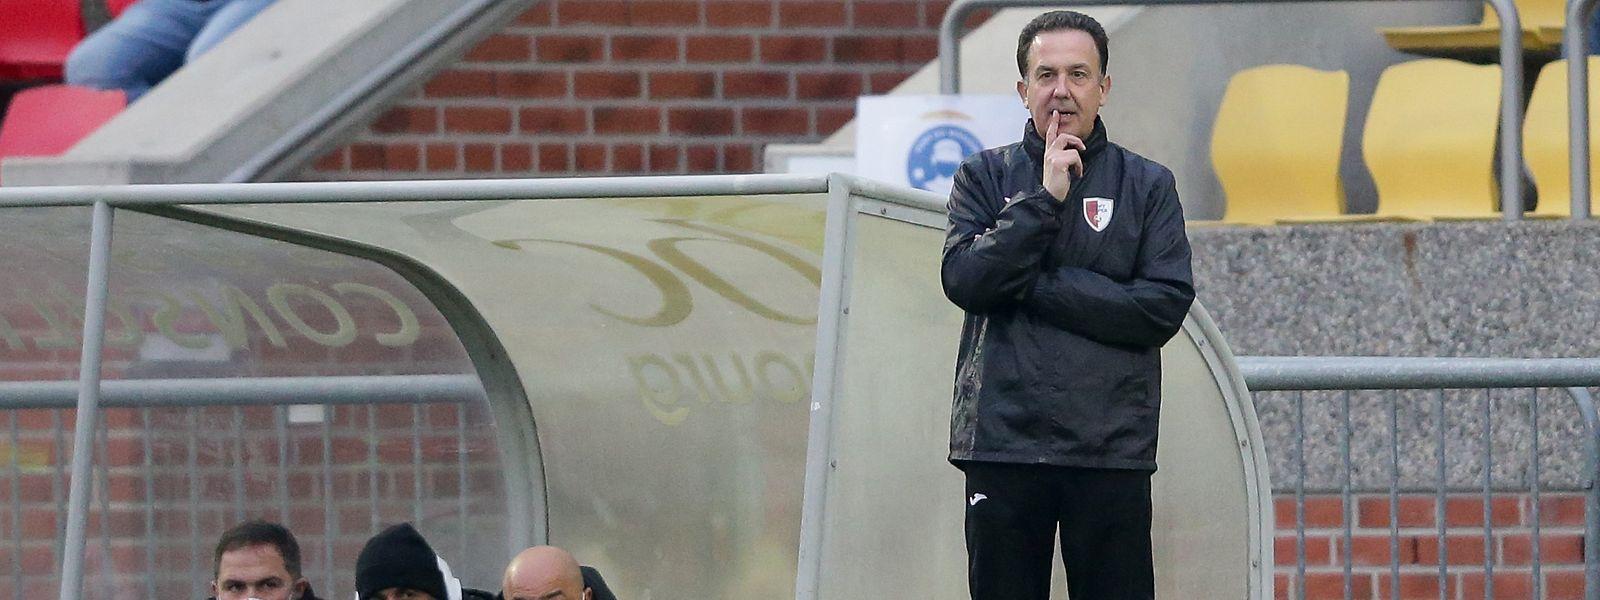 Pascal Carzaniga sorgt für eines der kuriosesten Kapitel in der bisherigen Fußballsaison.